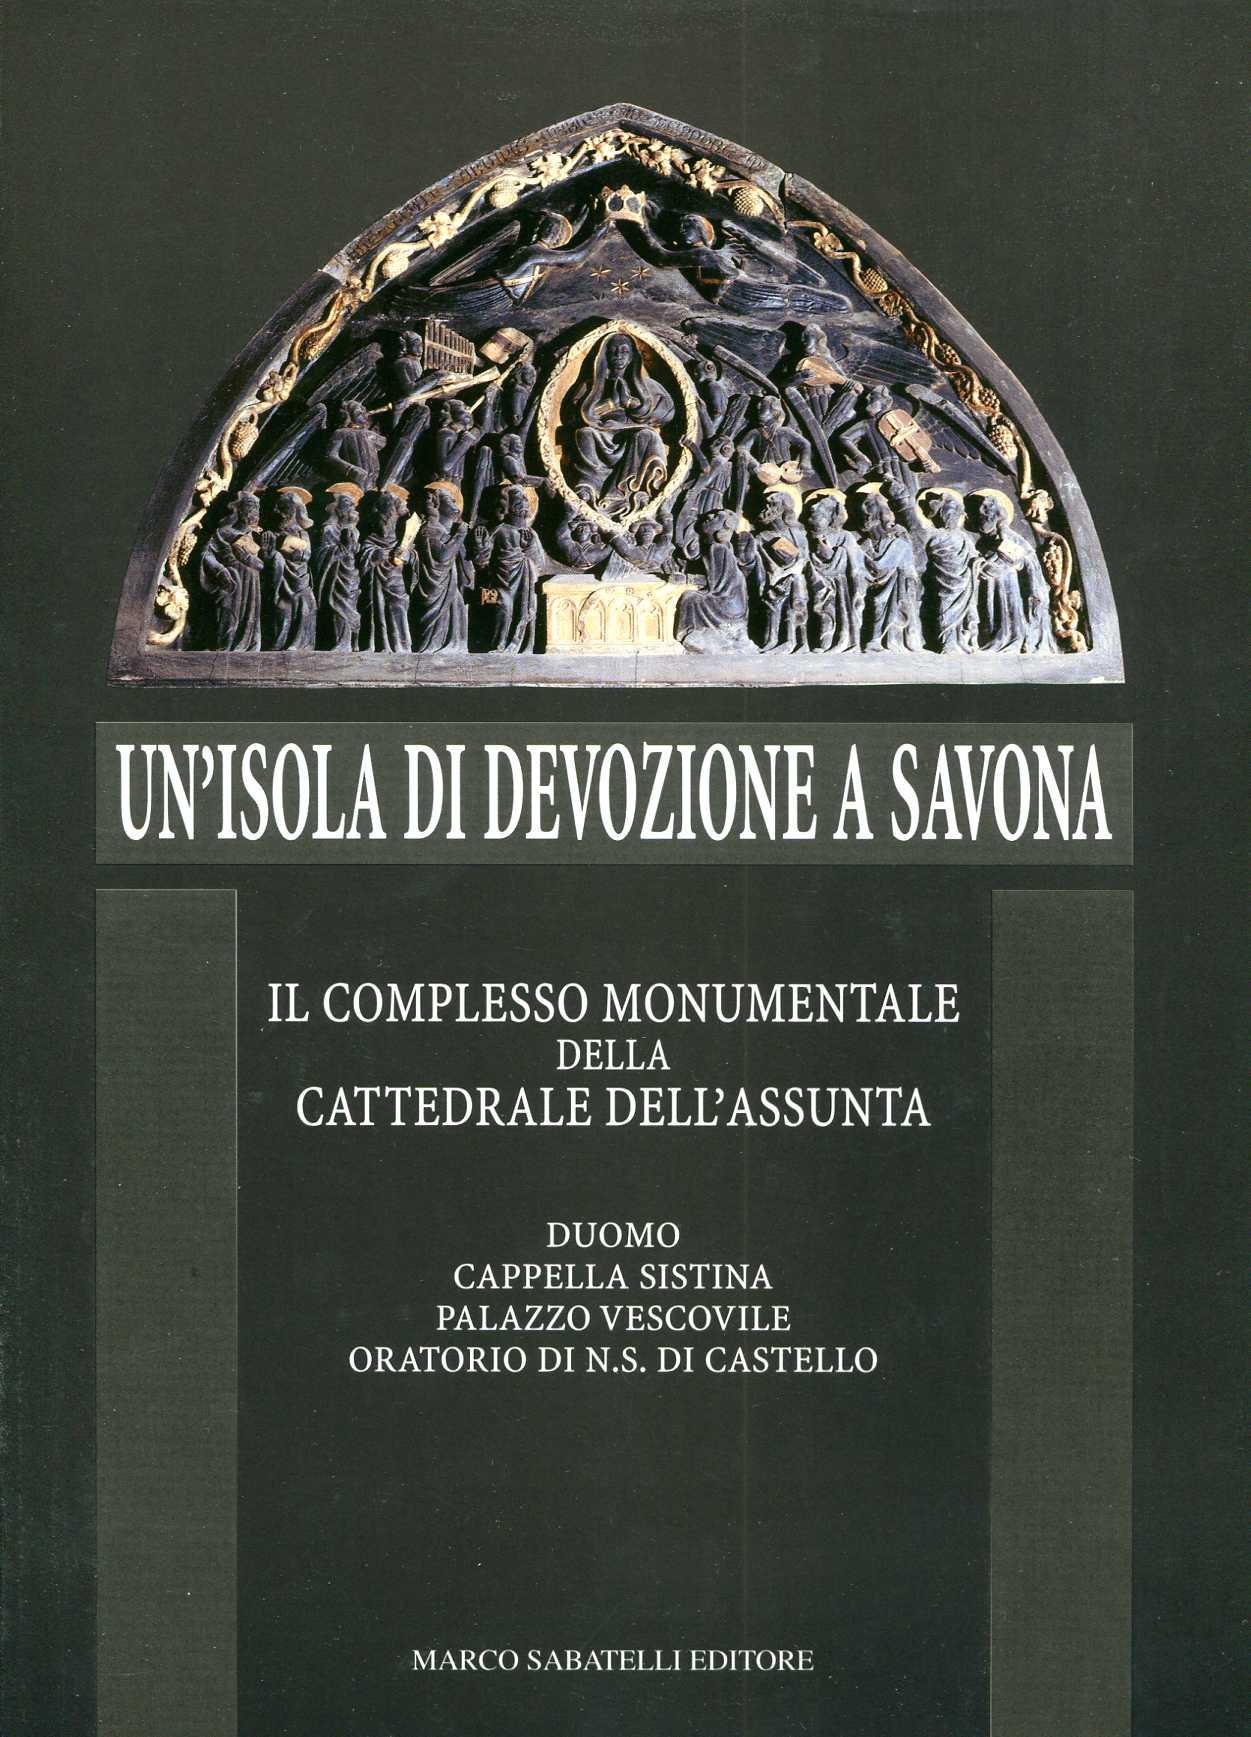 Un'isola di devozione a Savona - Il Complesso Monumentale della Cattedrale dell'Assunta